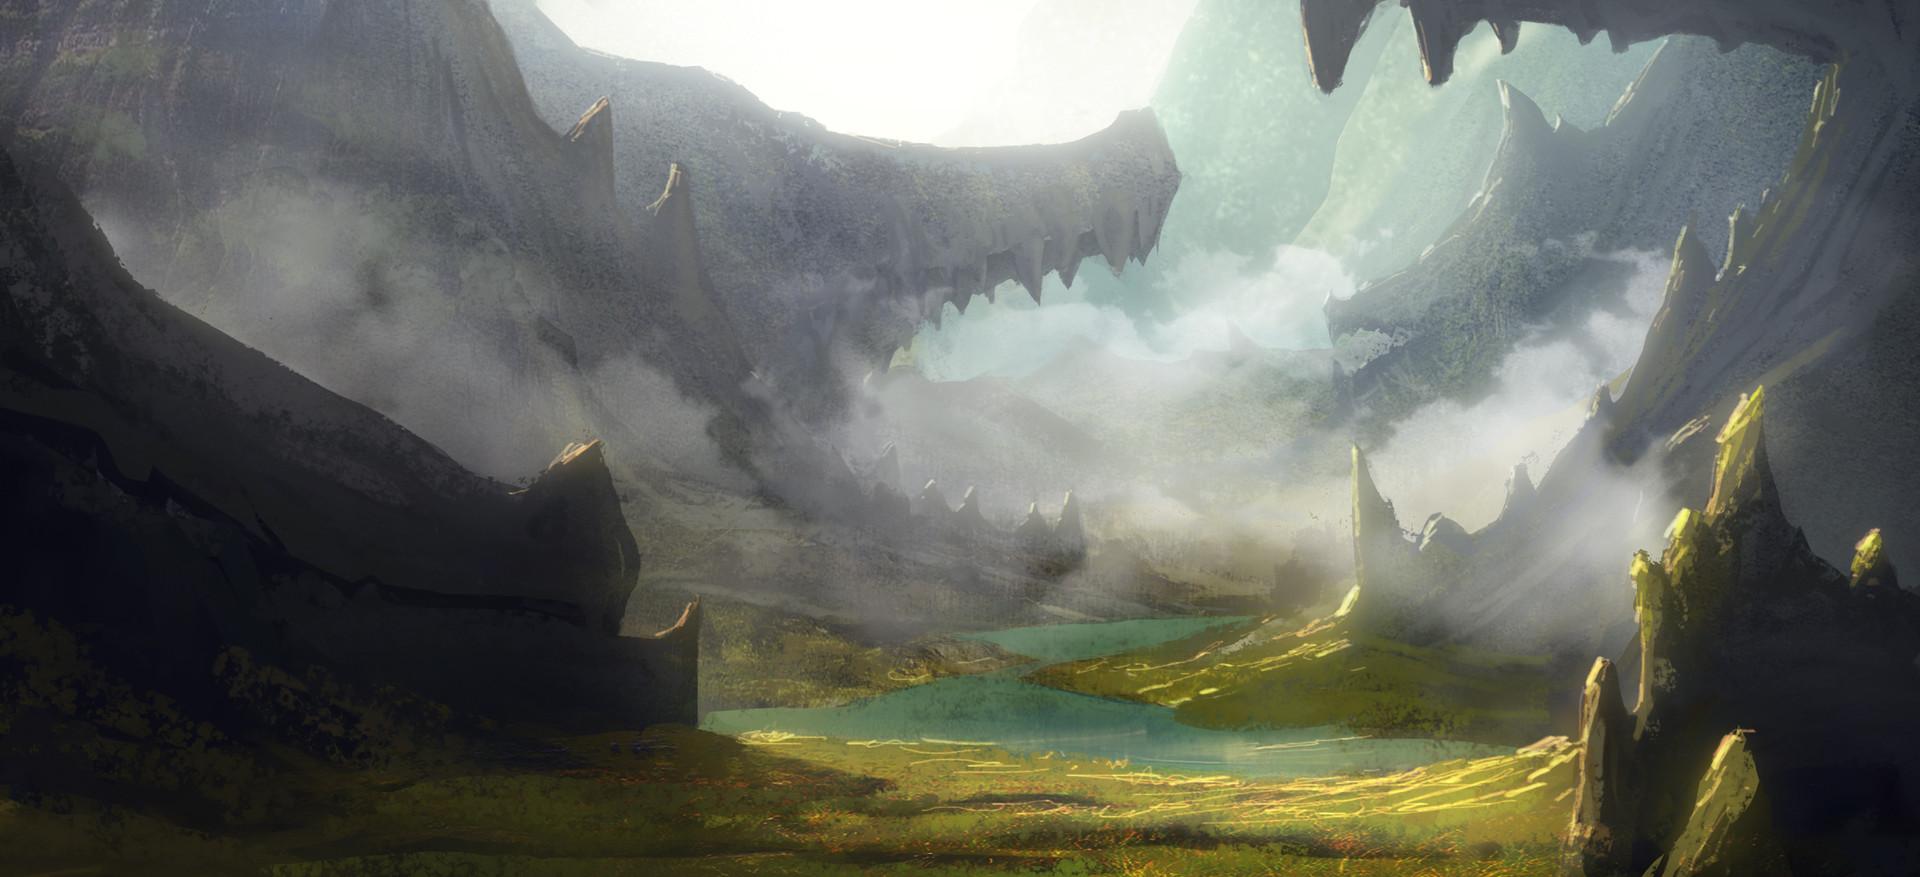 Godwin akpan dragon s pit